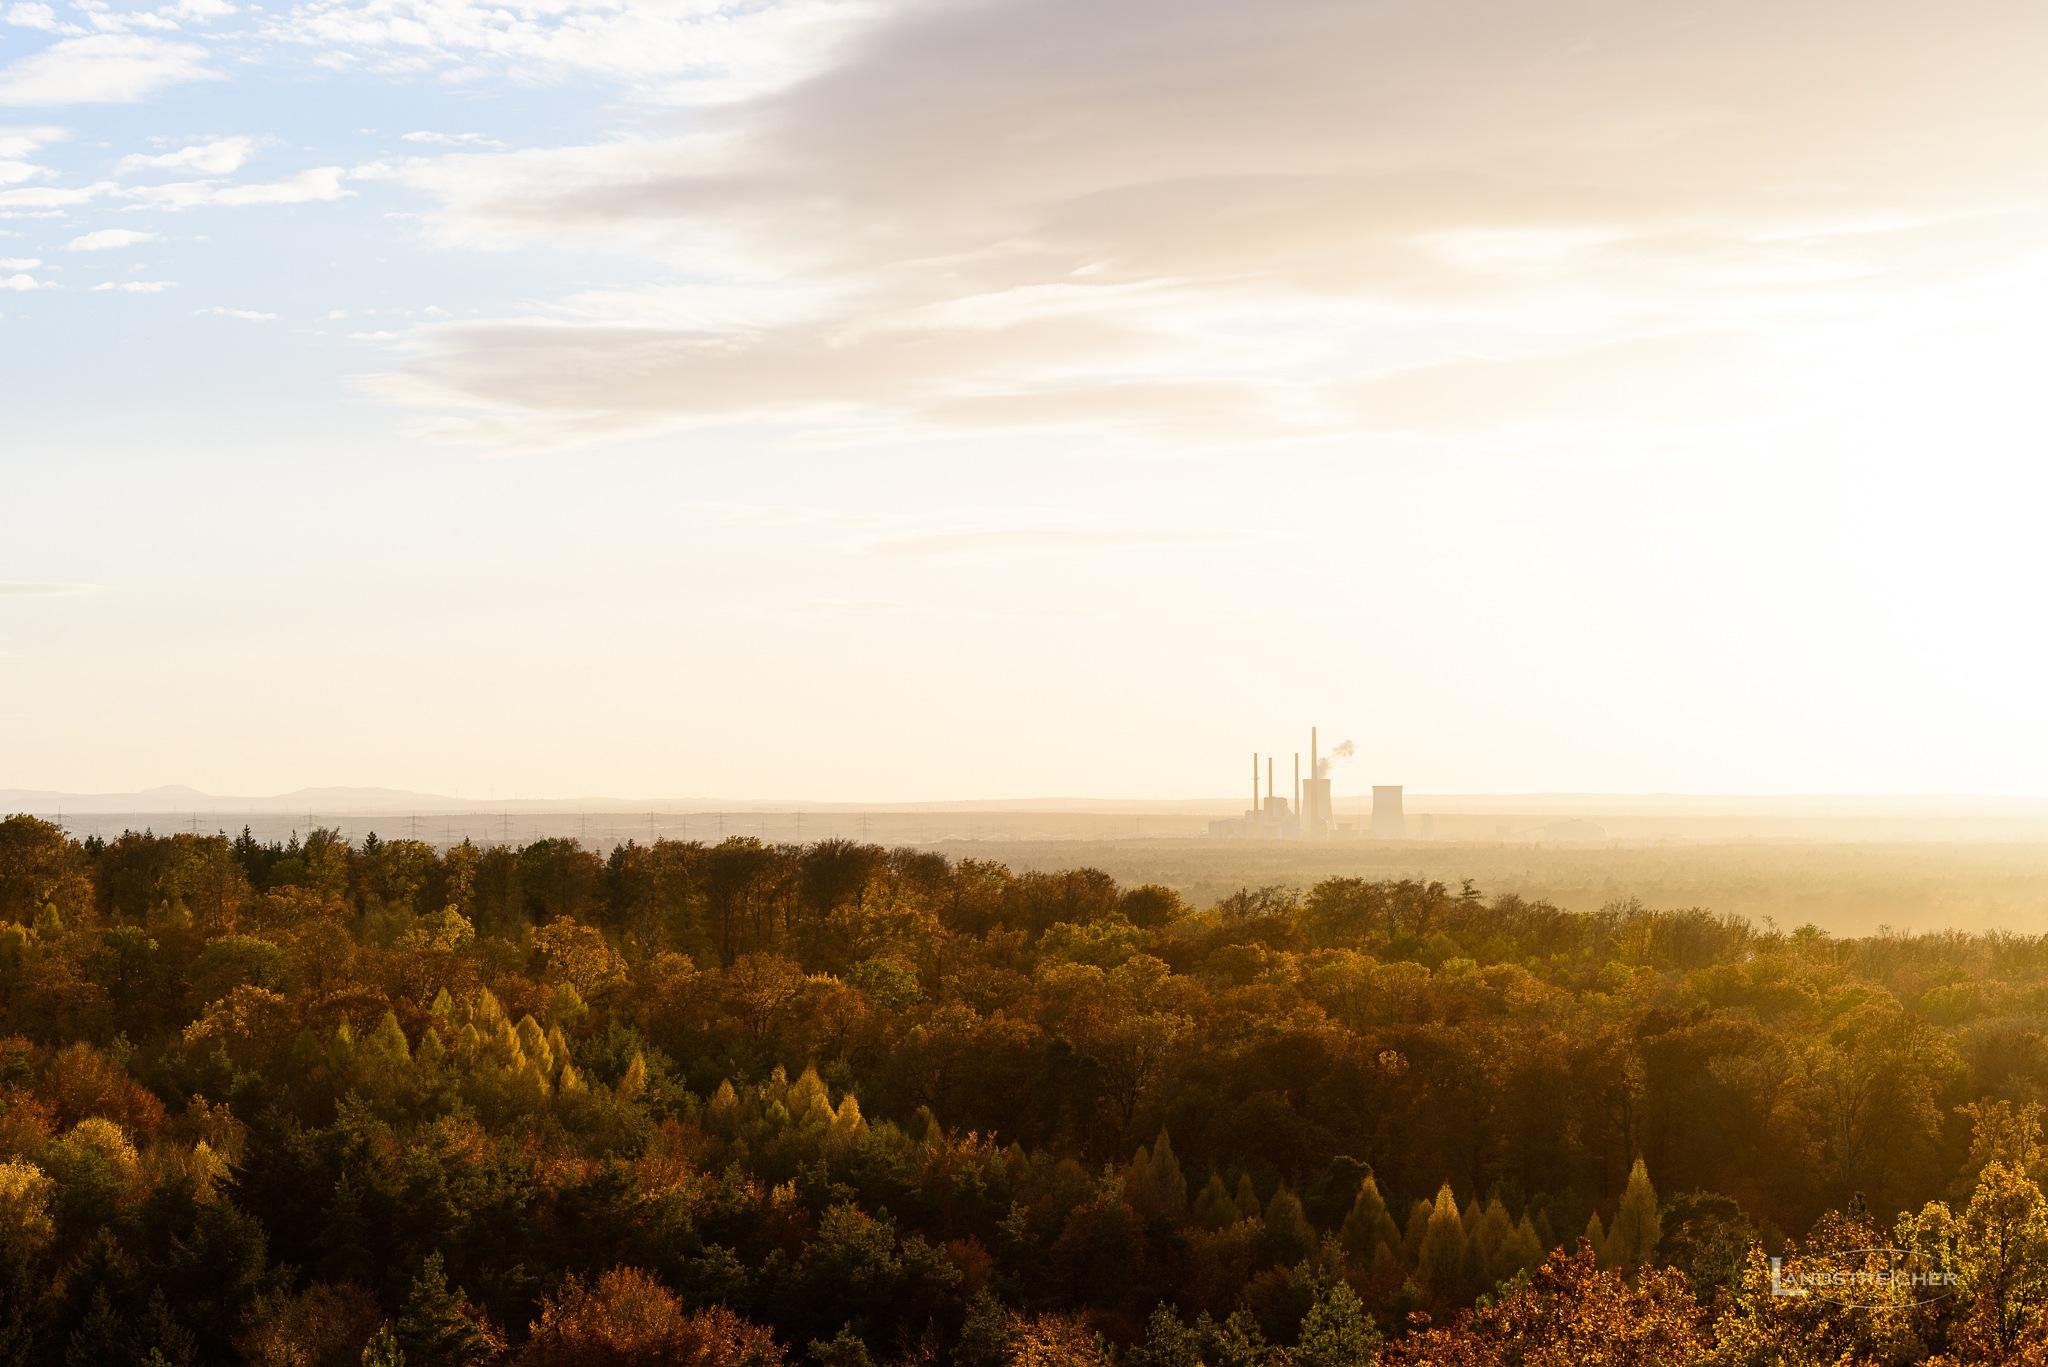 Kraftwerk Krotzenburg by Landstreicher